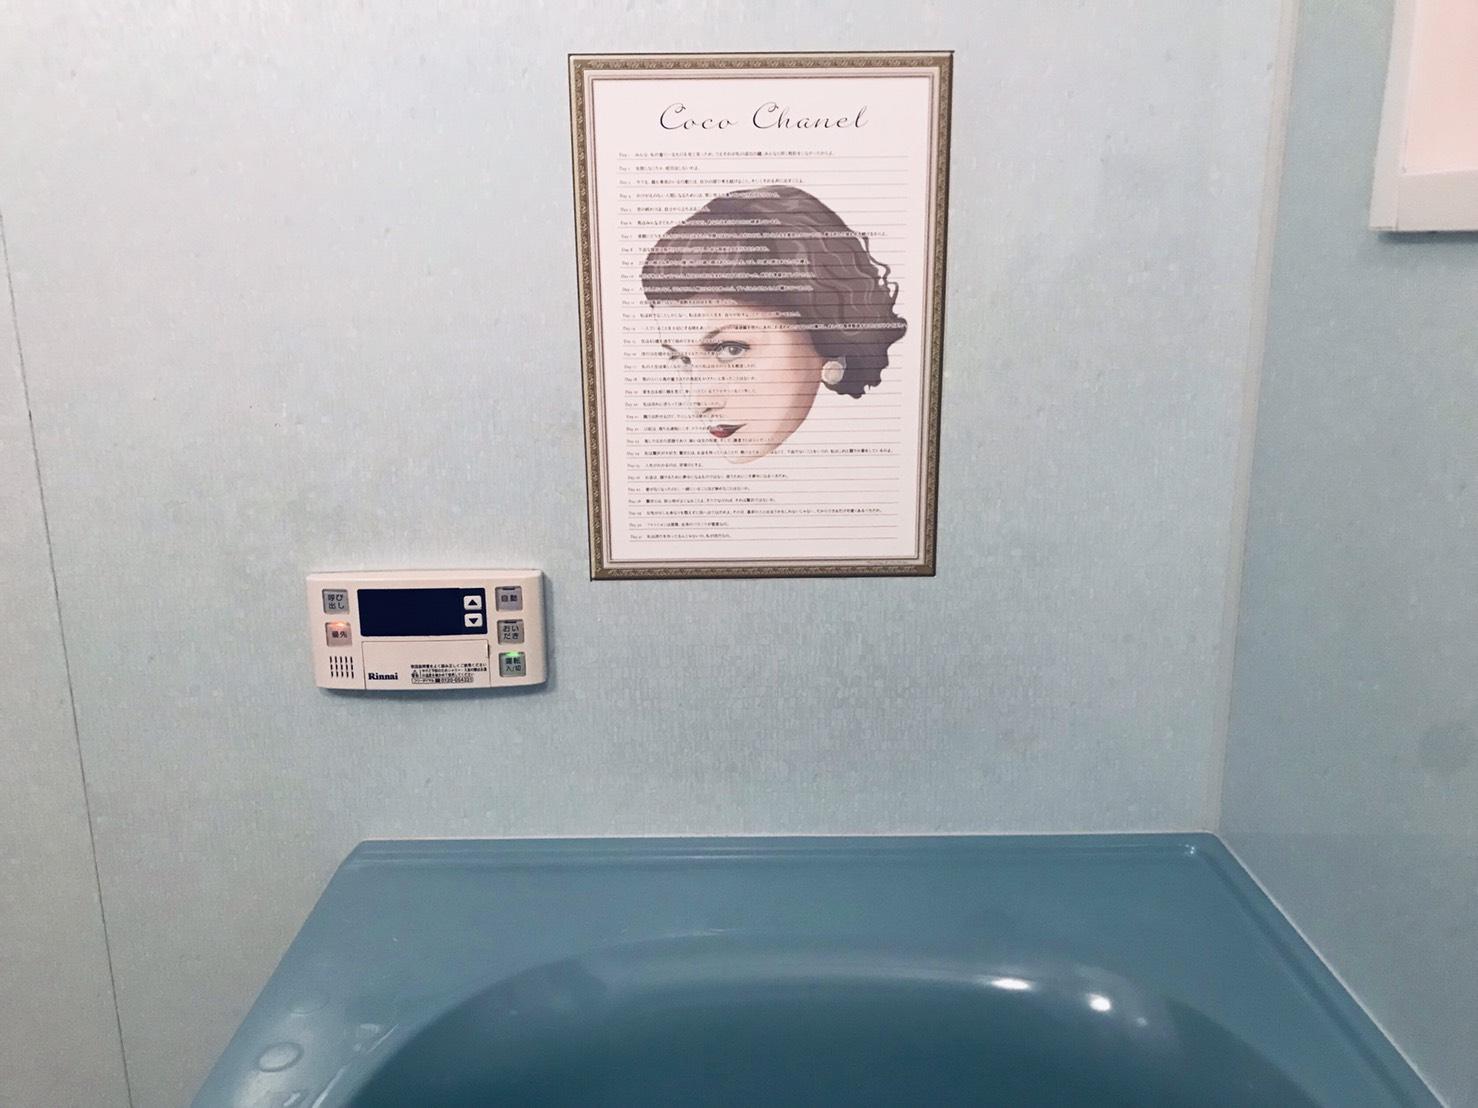 ココ 人気の製品 シャネル名言 格言カレンダー 大人のお風呂ポスター カラー 防水 壁紙ポスター